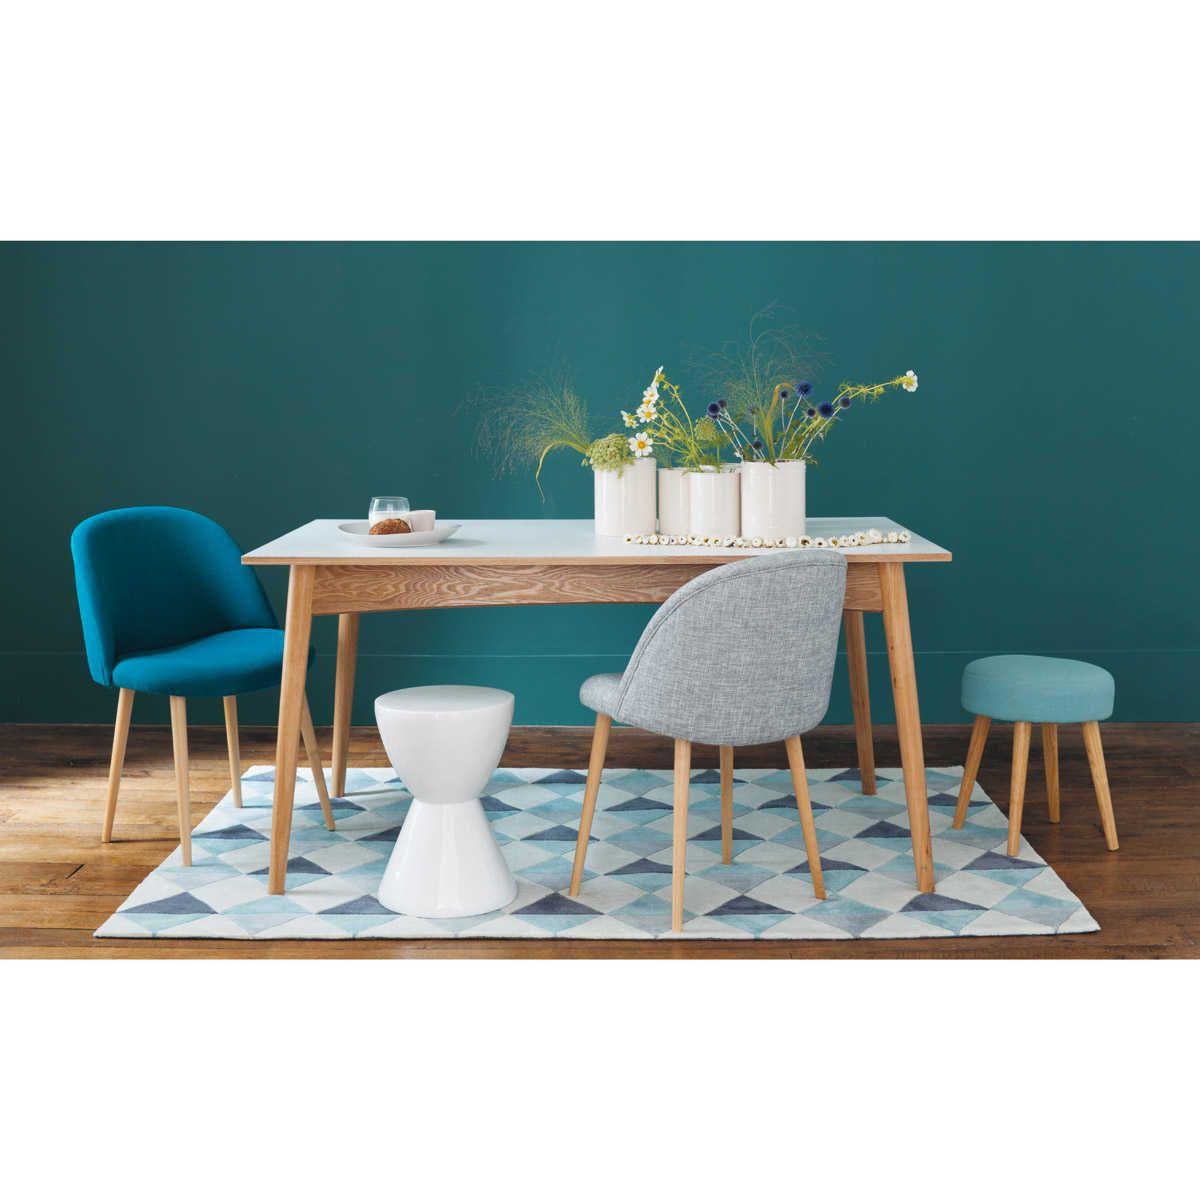 Tapis à poils courts bleu 140 x 200 cm | Chaise vintage, Gris ...